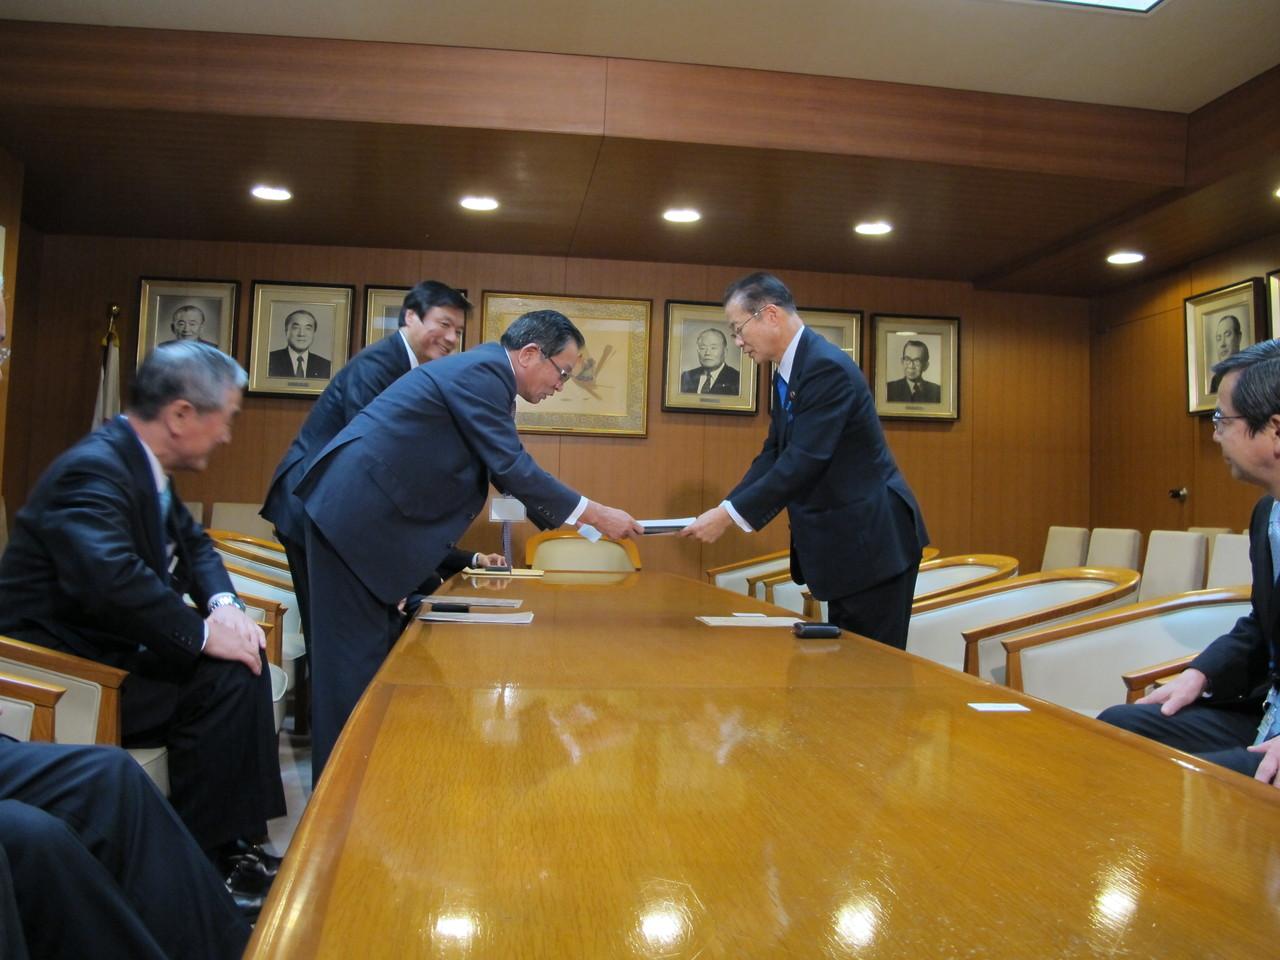 河村建夫リニアコライダー国際研究所建設推進議員連盟会長への要望